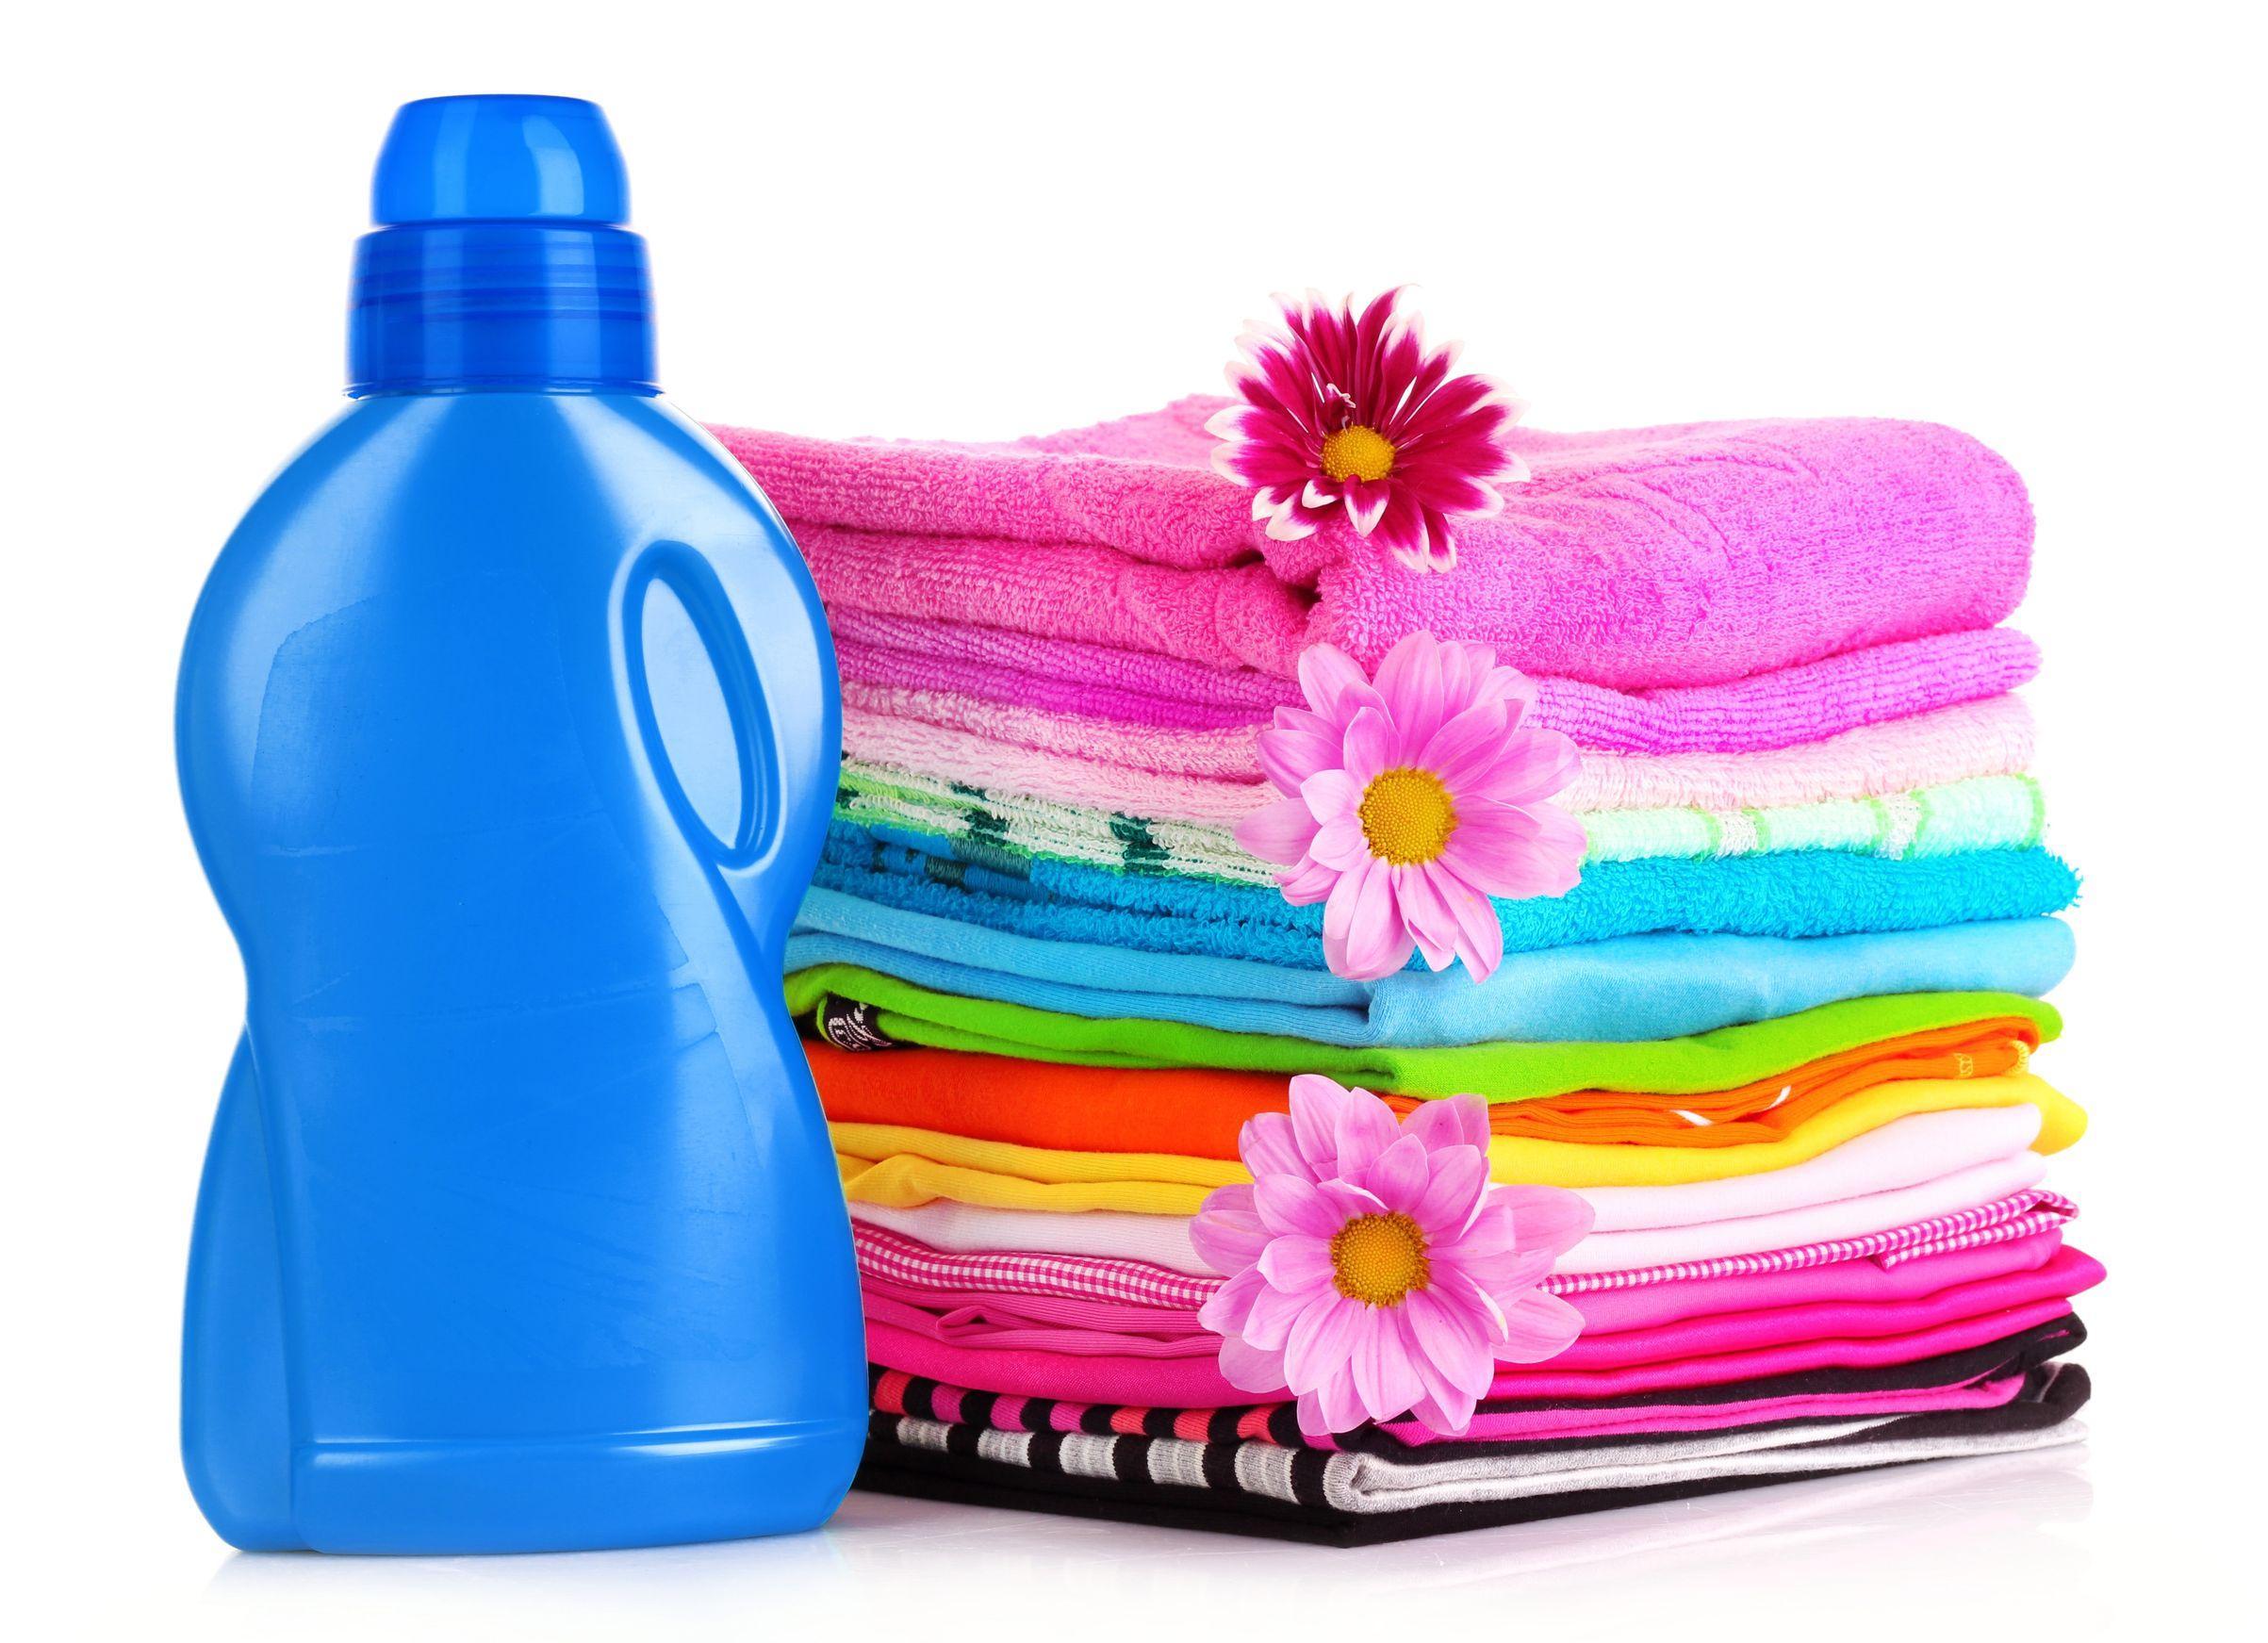 Πώς να φτιάξετε σπιτικό απορρυπαντικό ρούχων